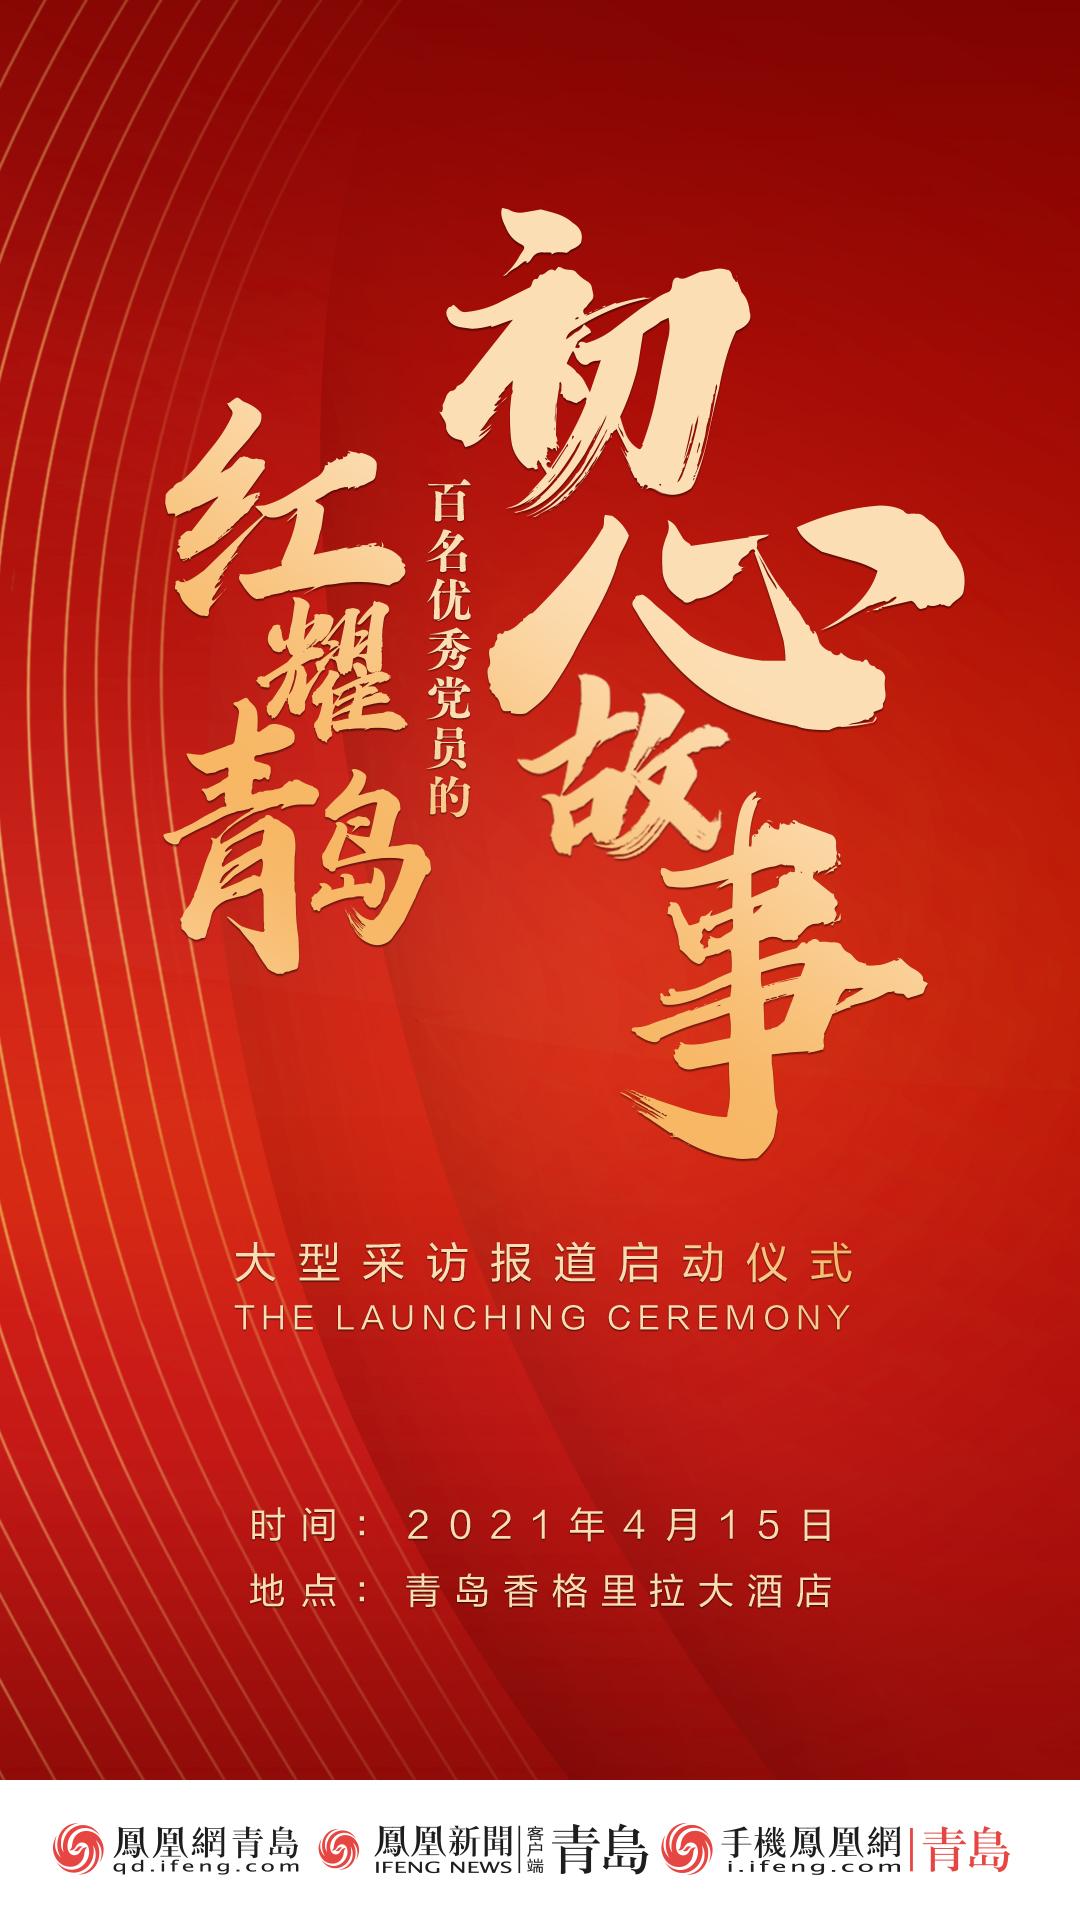 """凤凰网青岛频道将推出""""红耀青岛,百名优秀党员的'初心故事'""""系列特别策划献礼中国共产党成立100周年"""